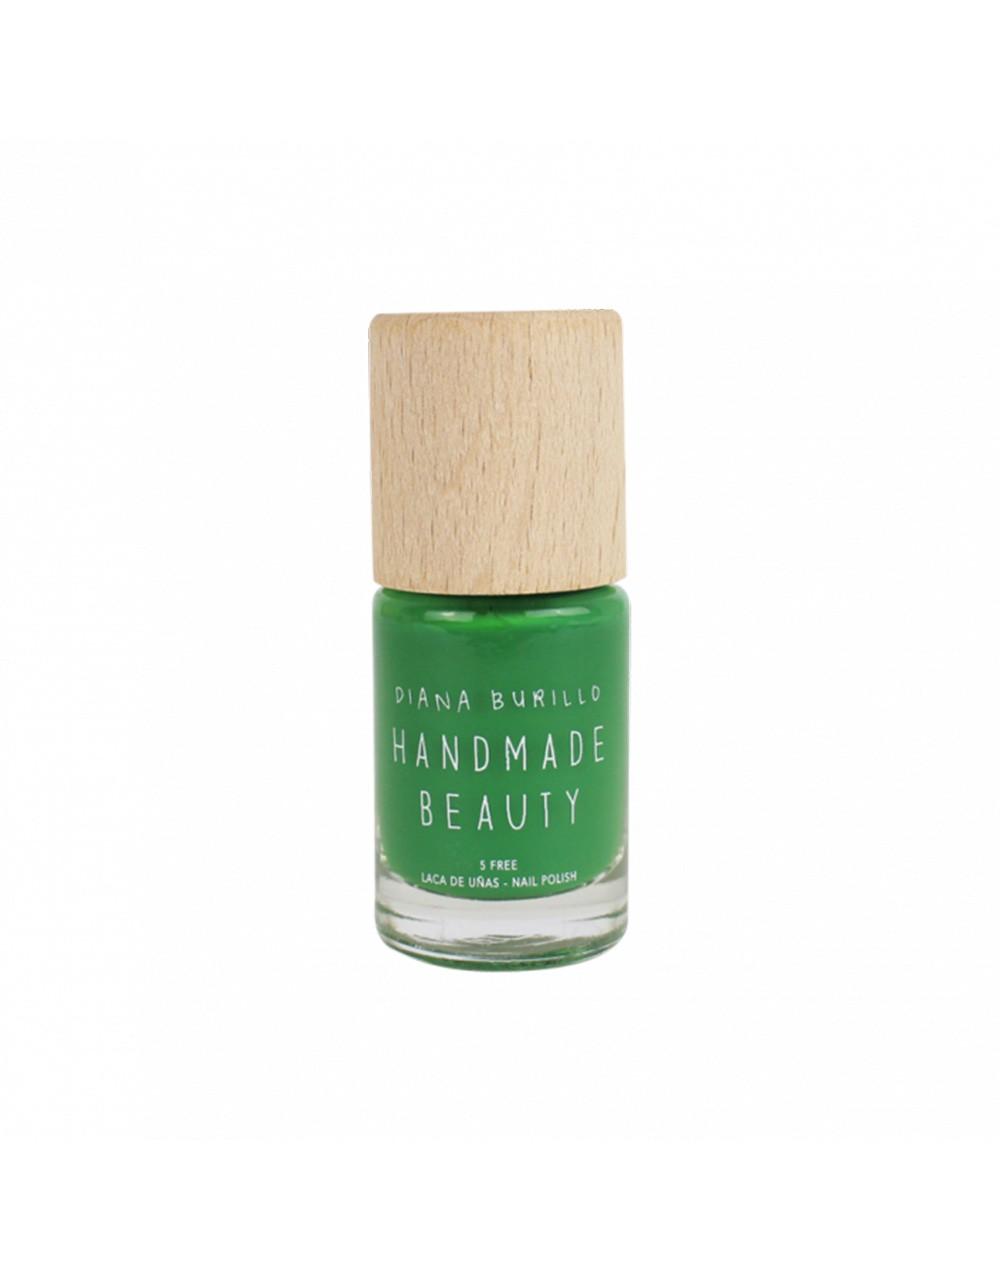 Esmalte de uñas Handmade Beauty 5 free, ecológico tono original y único color verde aguacate perfecto para la primavera Avocado